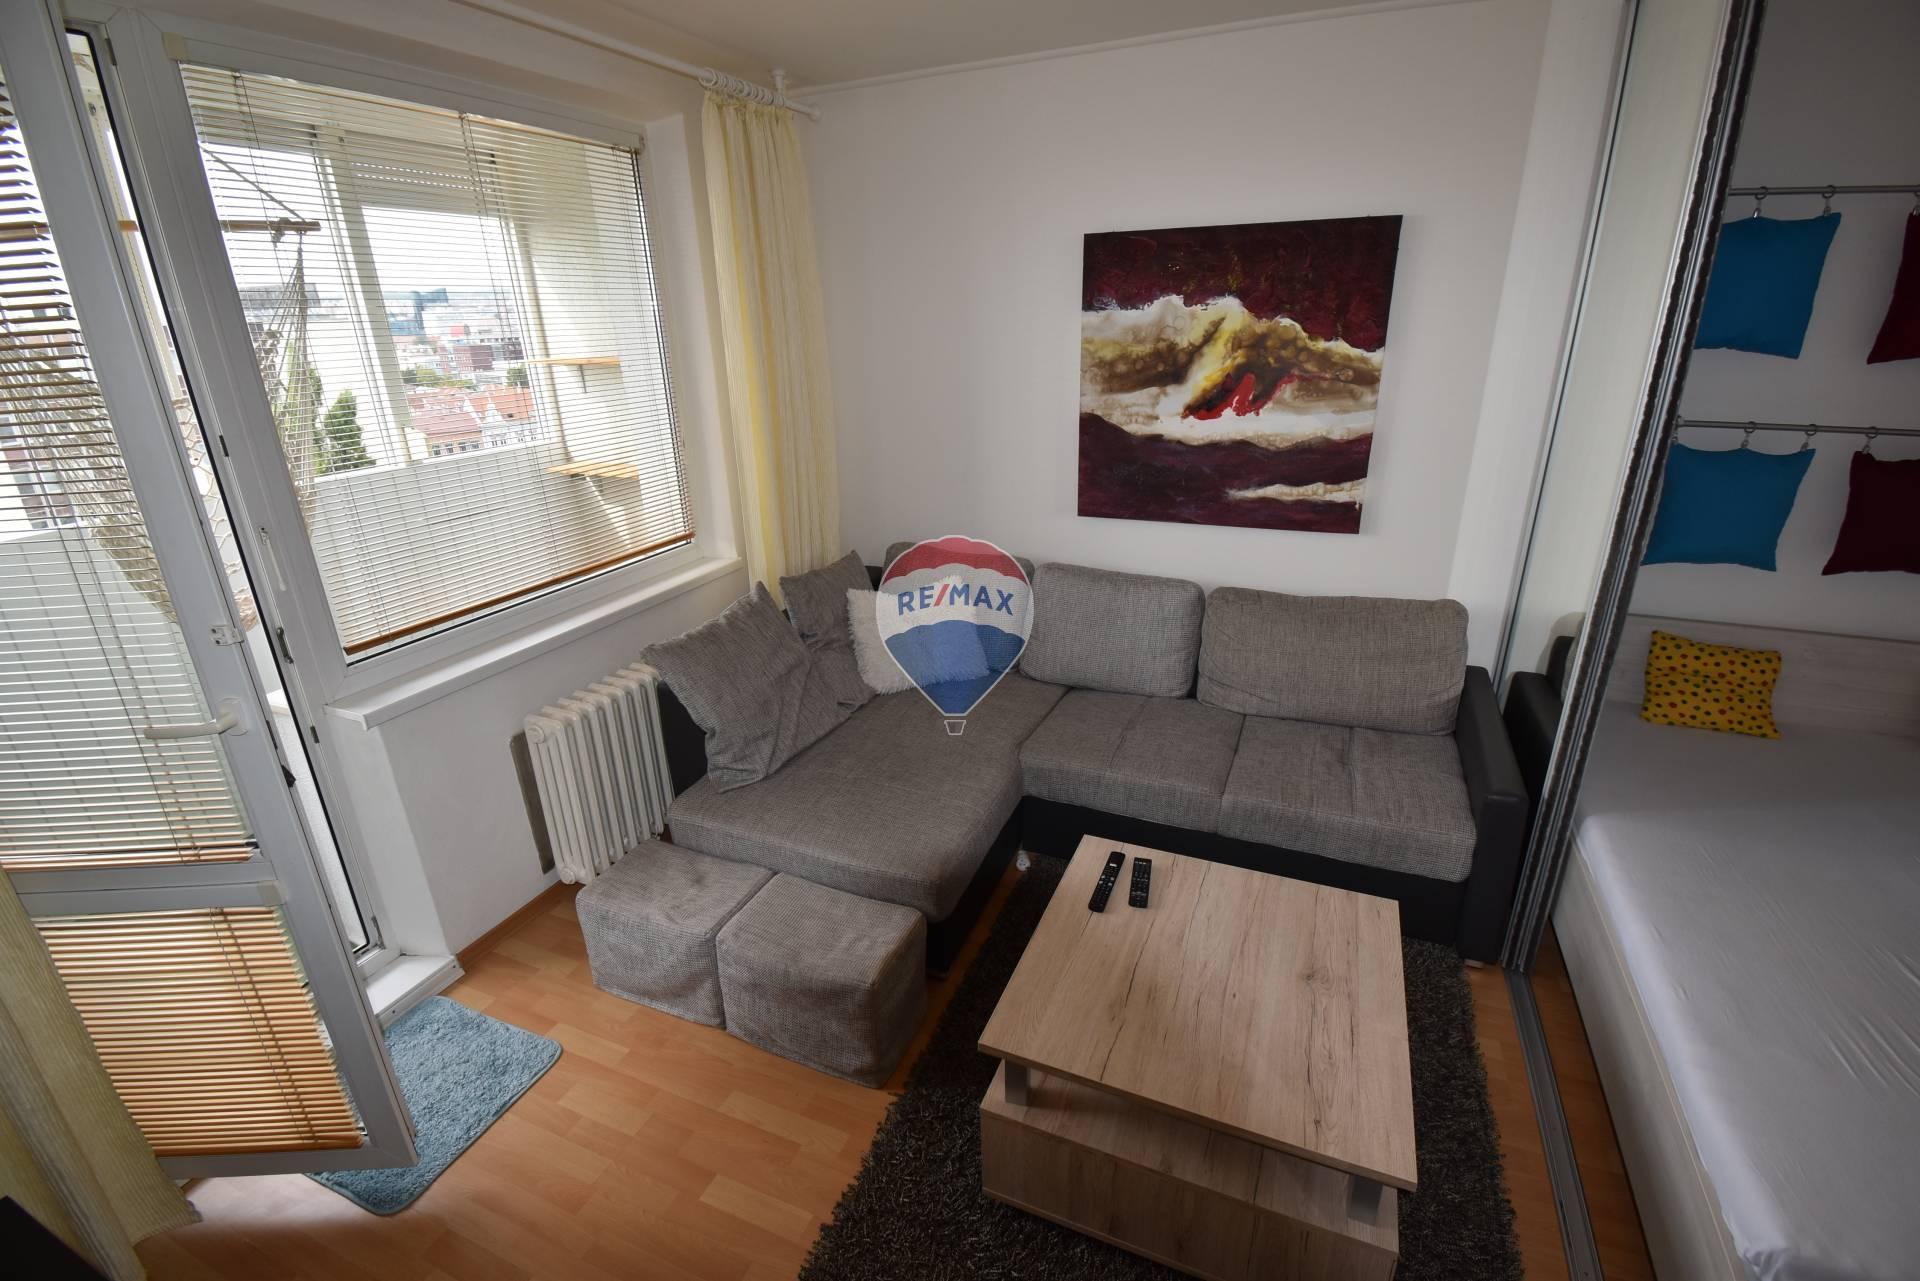 1 a 1/2 izbový byt na prenájom v blízkosti centra mesta